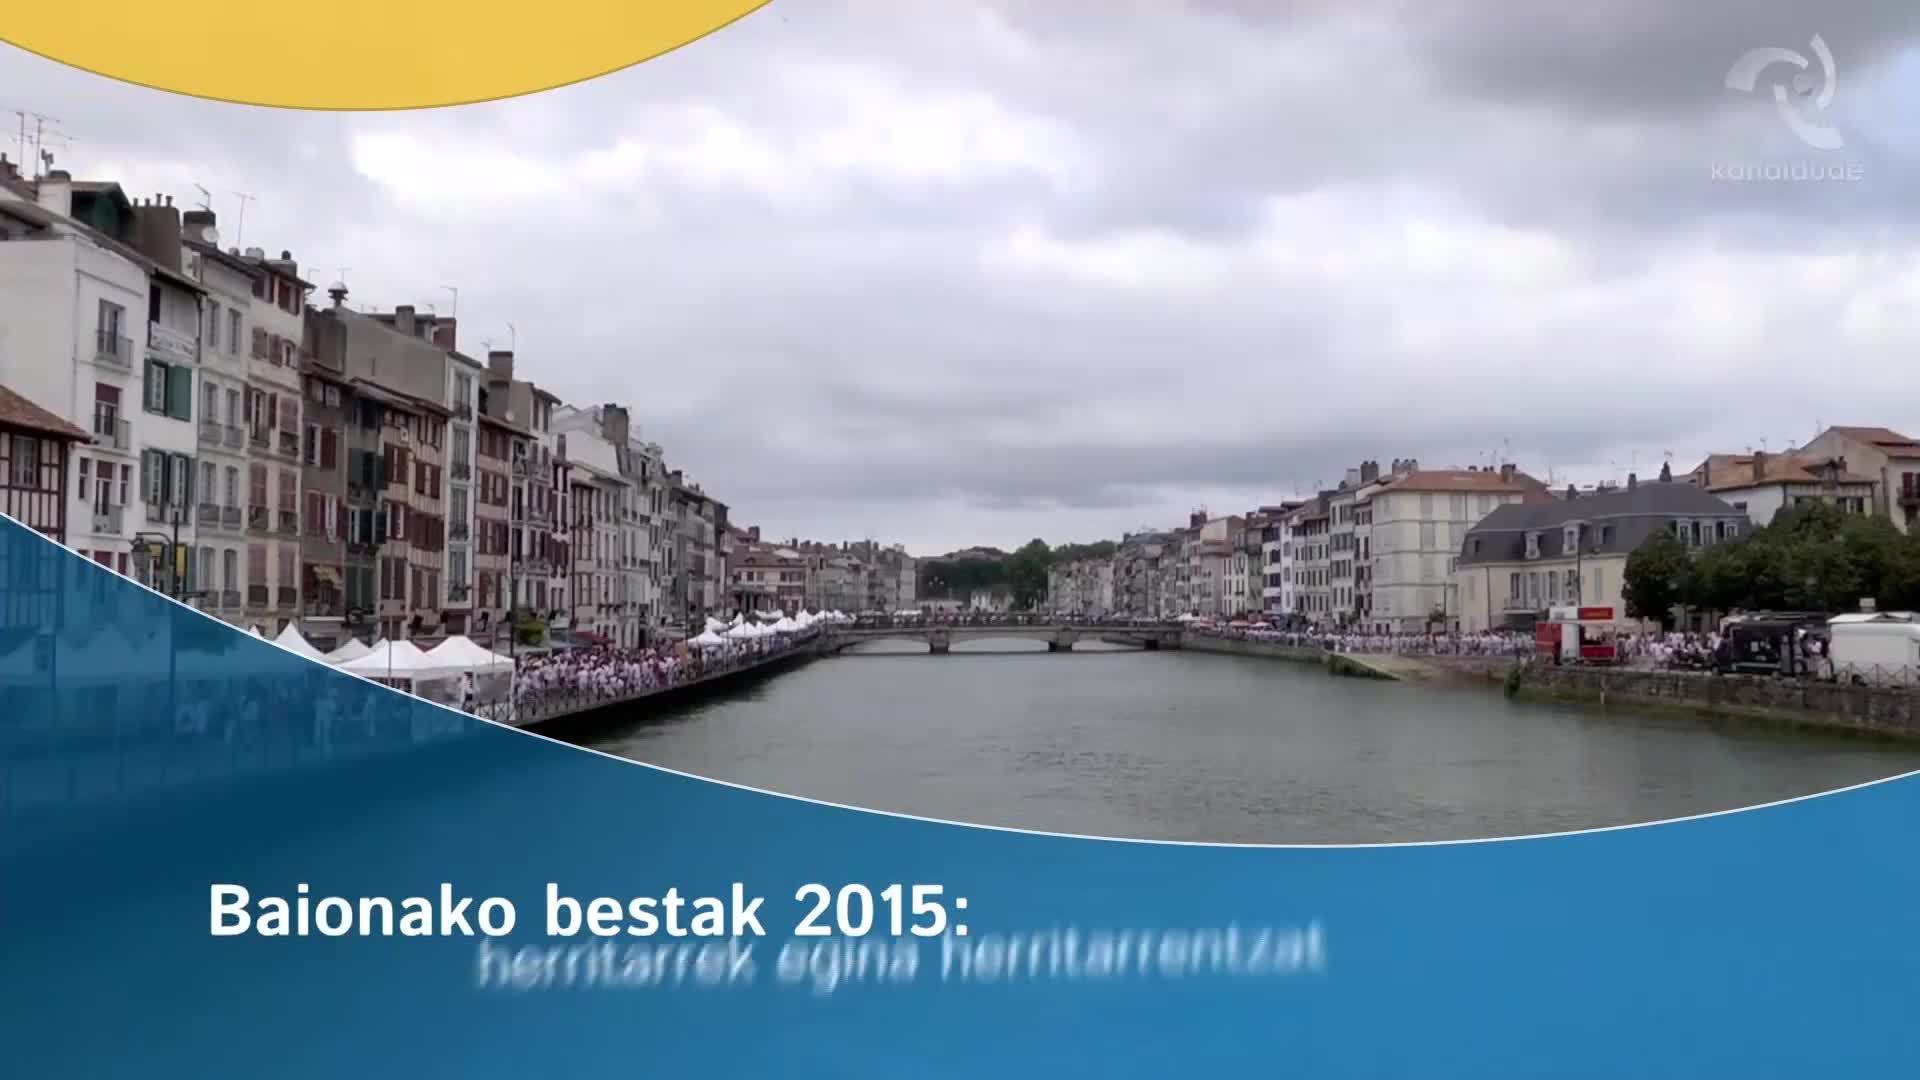 Baionako bestak 2015: herritarrek egina herritarrentzat